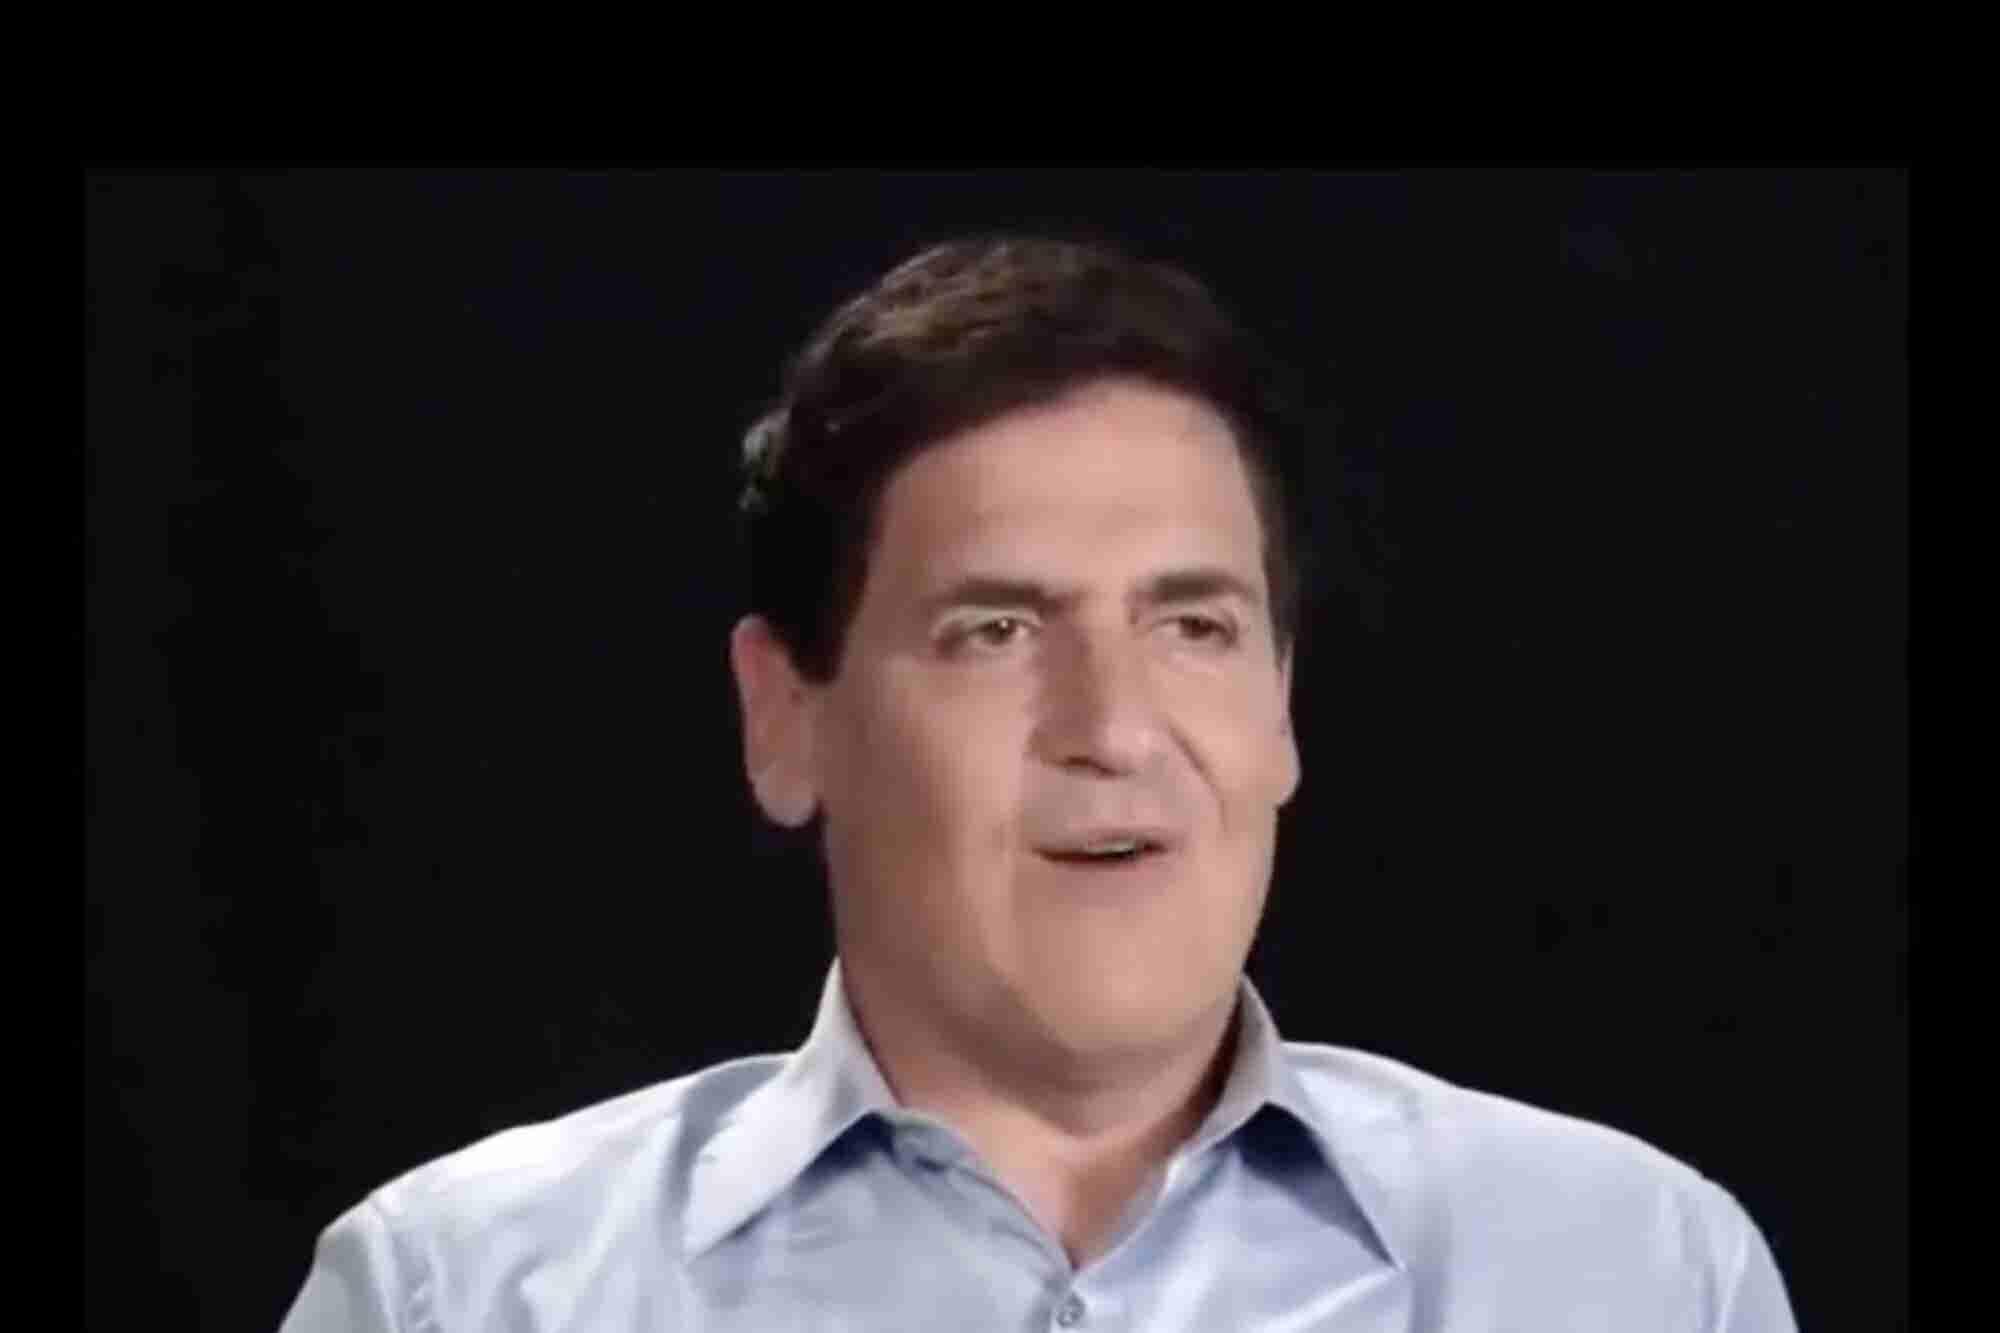 Las ventas lo curan todo: el consejo que te da el multimillonario Mark Cuban